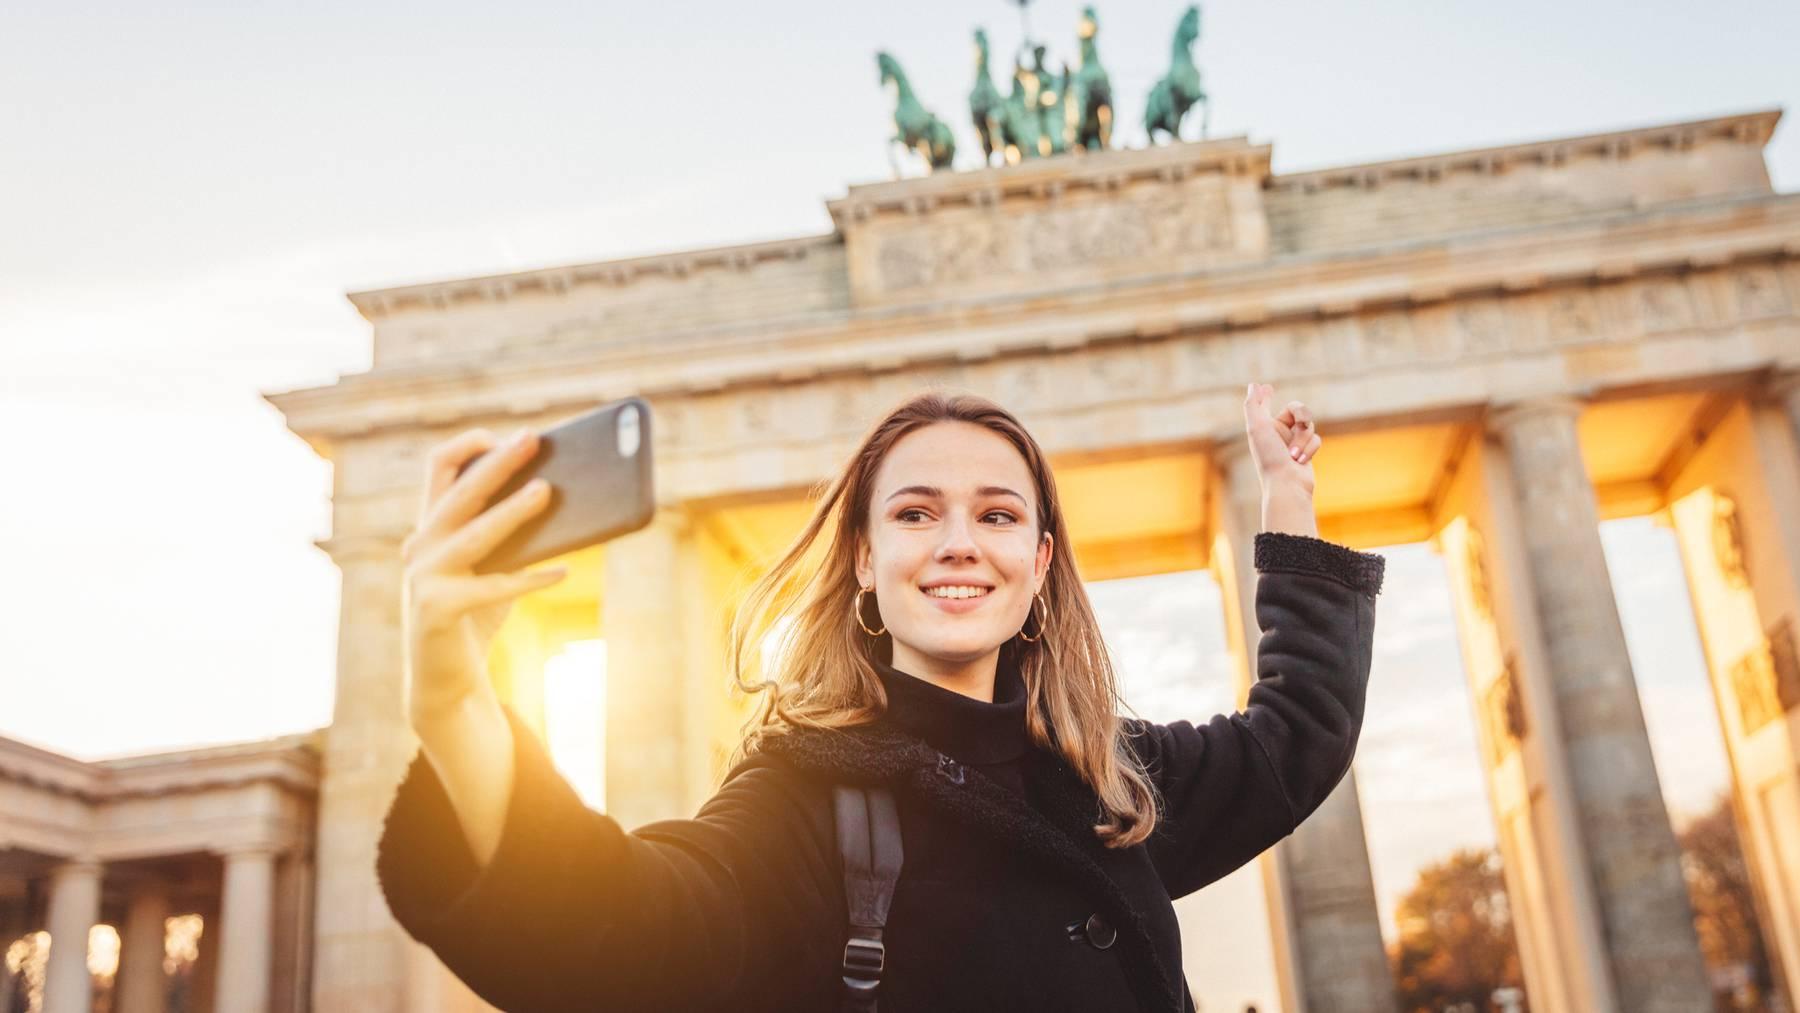 Würdest du Berlin auch ohne das Brandenburger Tor erkennen?